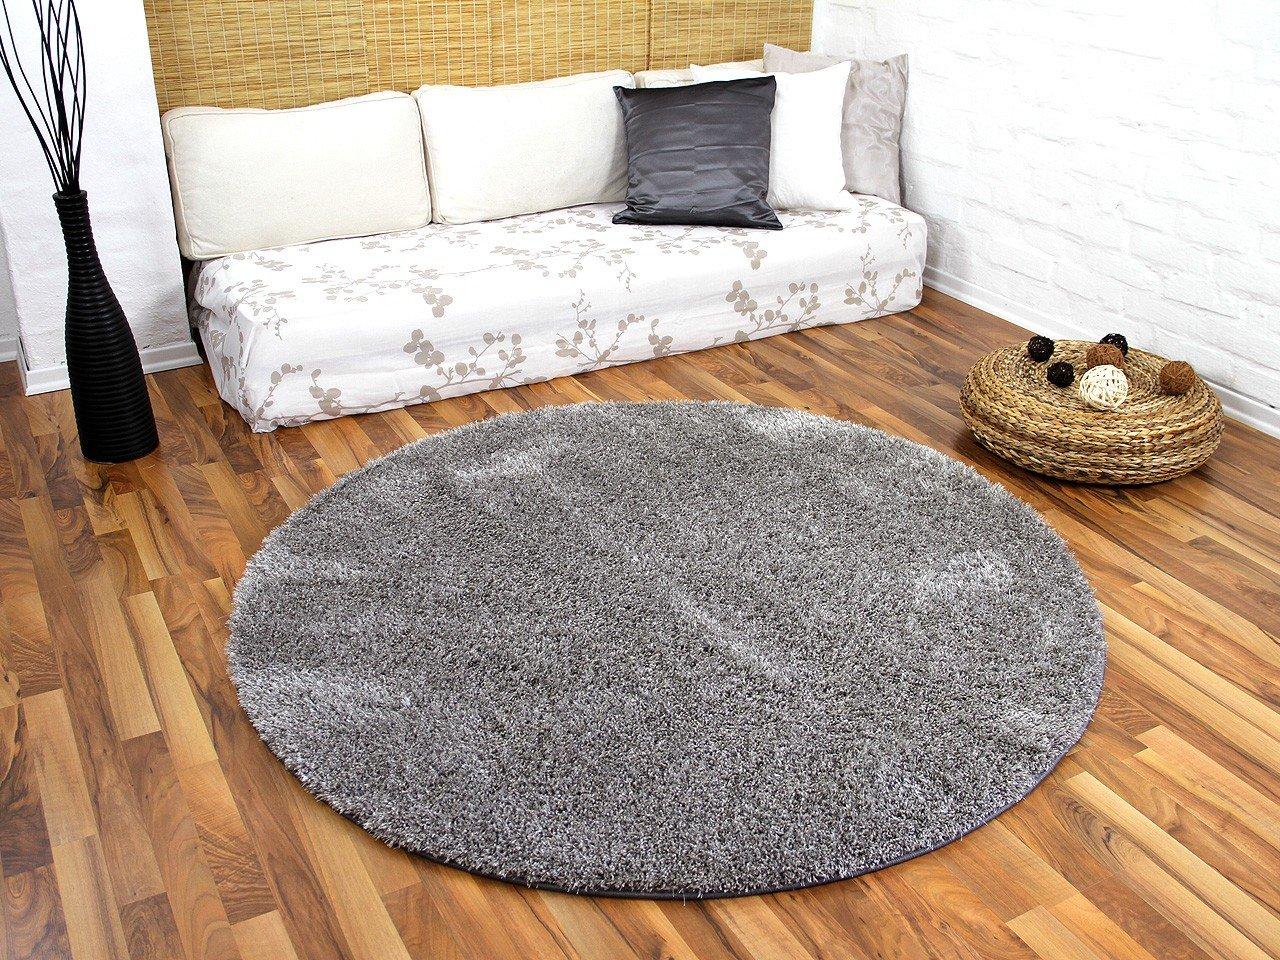 Hochflor Shaggy Teppich Luxus Feeling Mix Silber Rund in 7 Größen B00E3IOFTC Teppiche